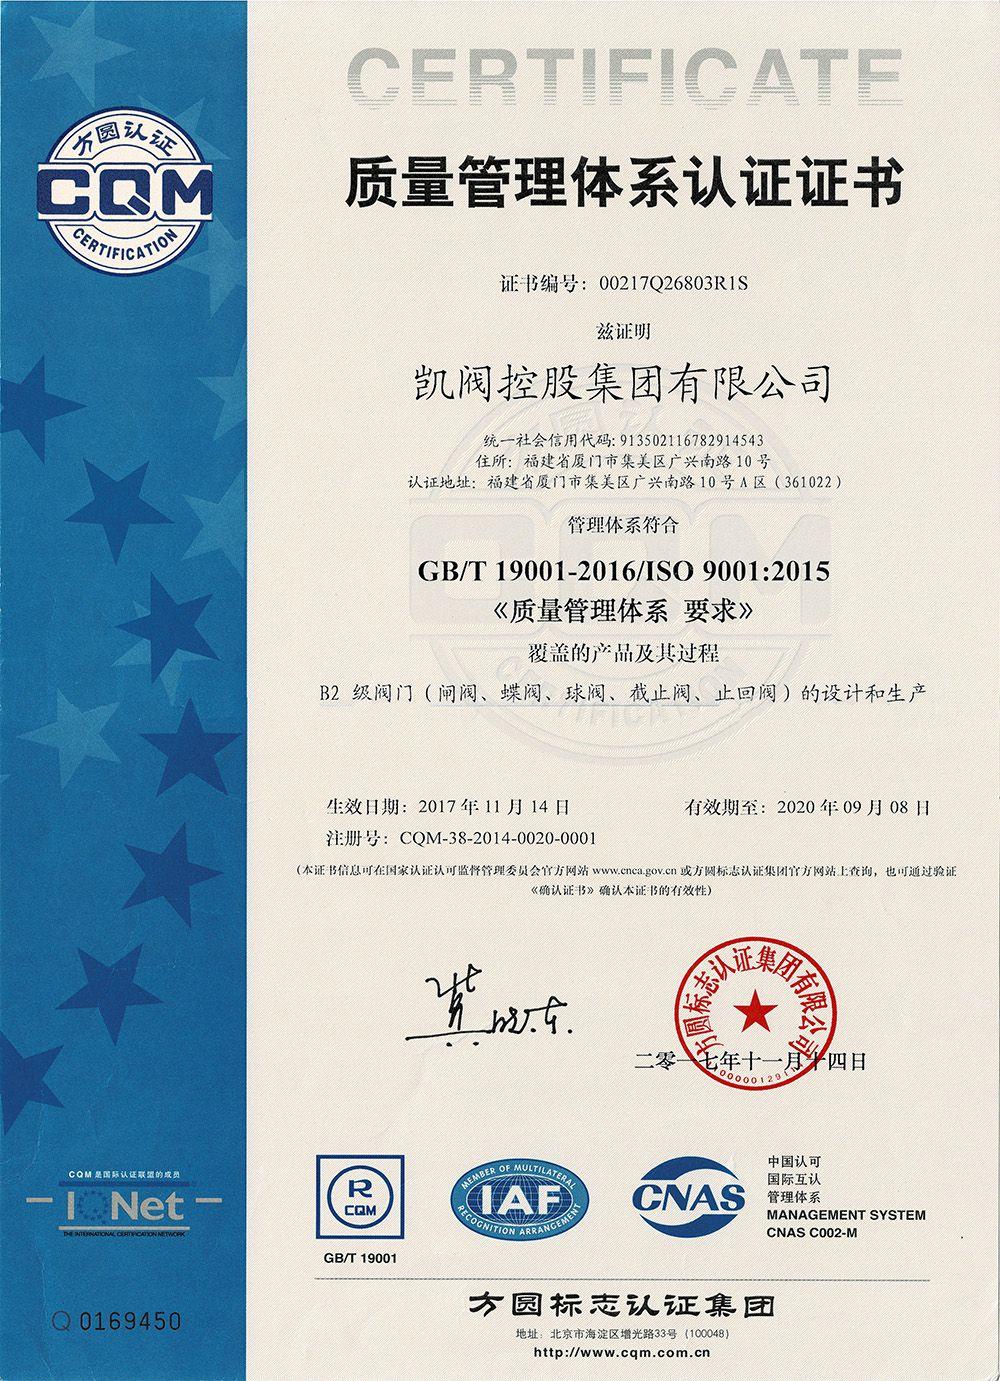 9001质量认证 中文版